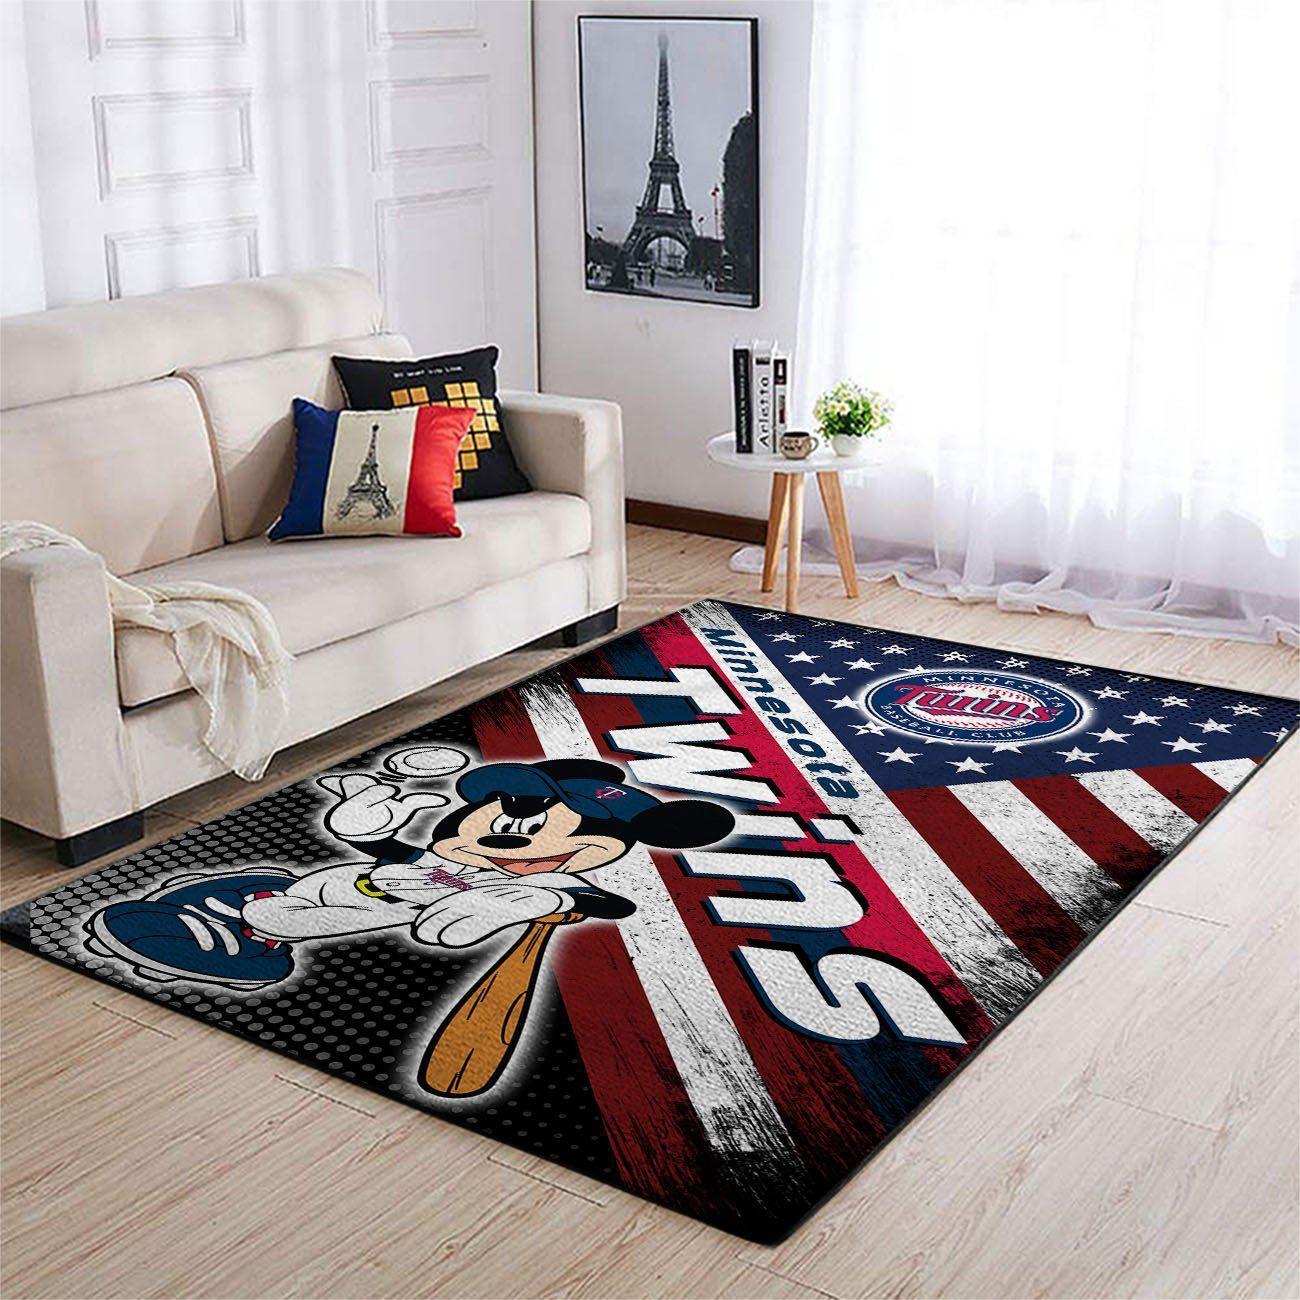 Amazon Minnesota Twins Living Room Area No3923 Rug